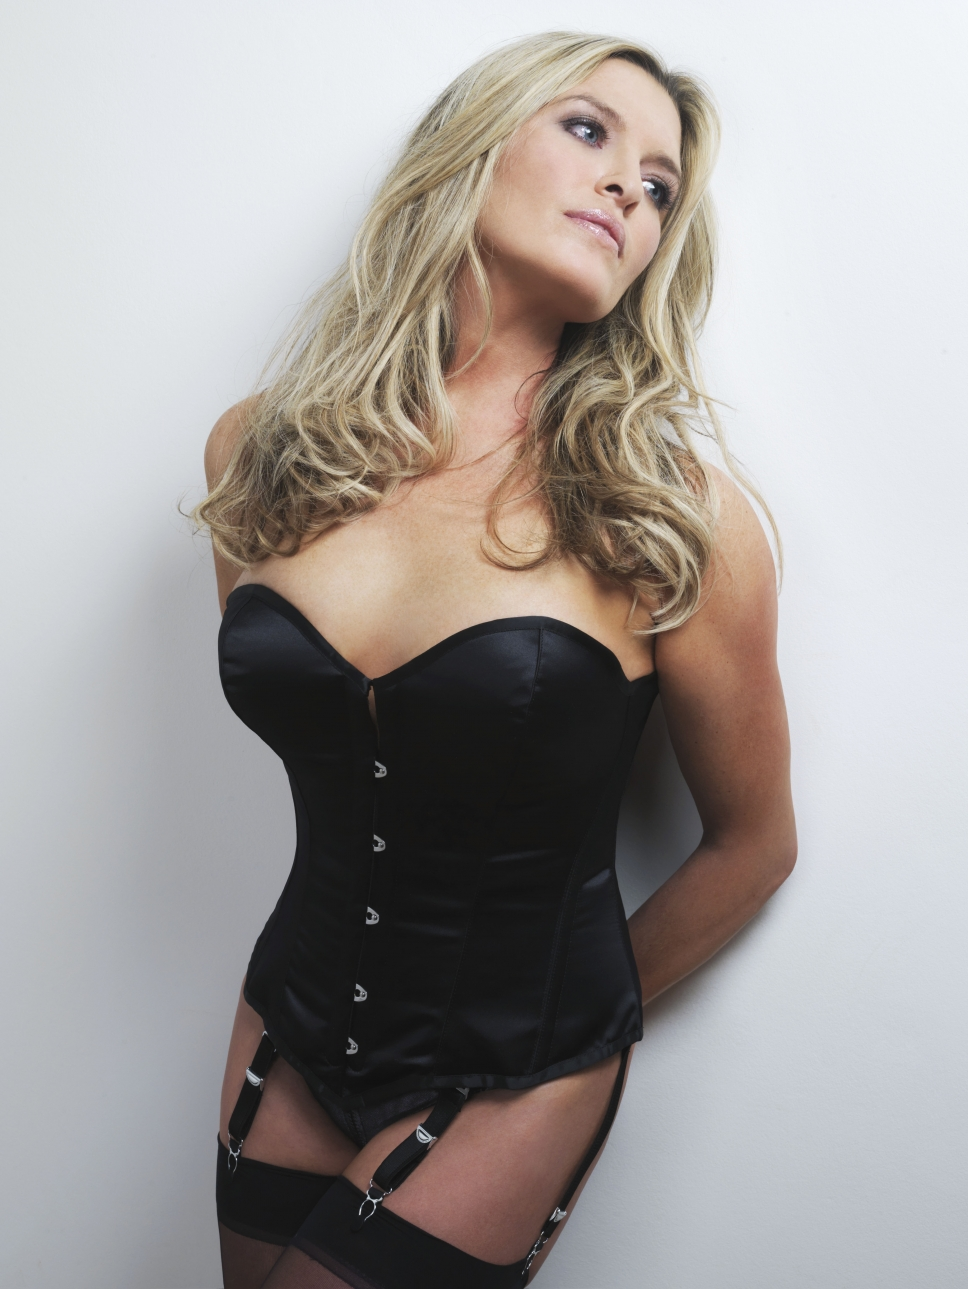 Tina Hobley in lingerie